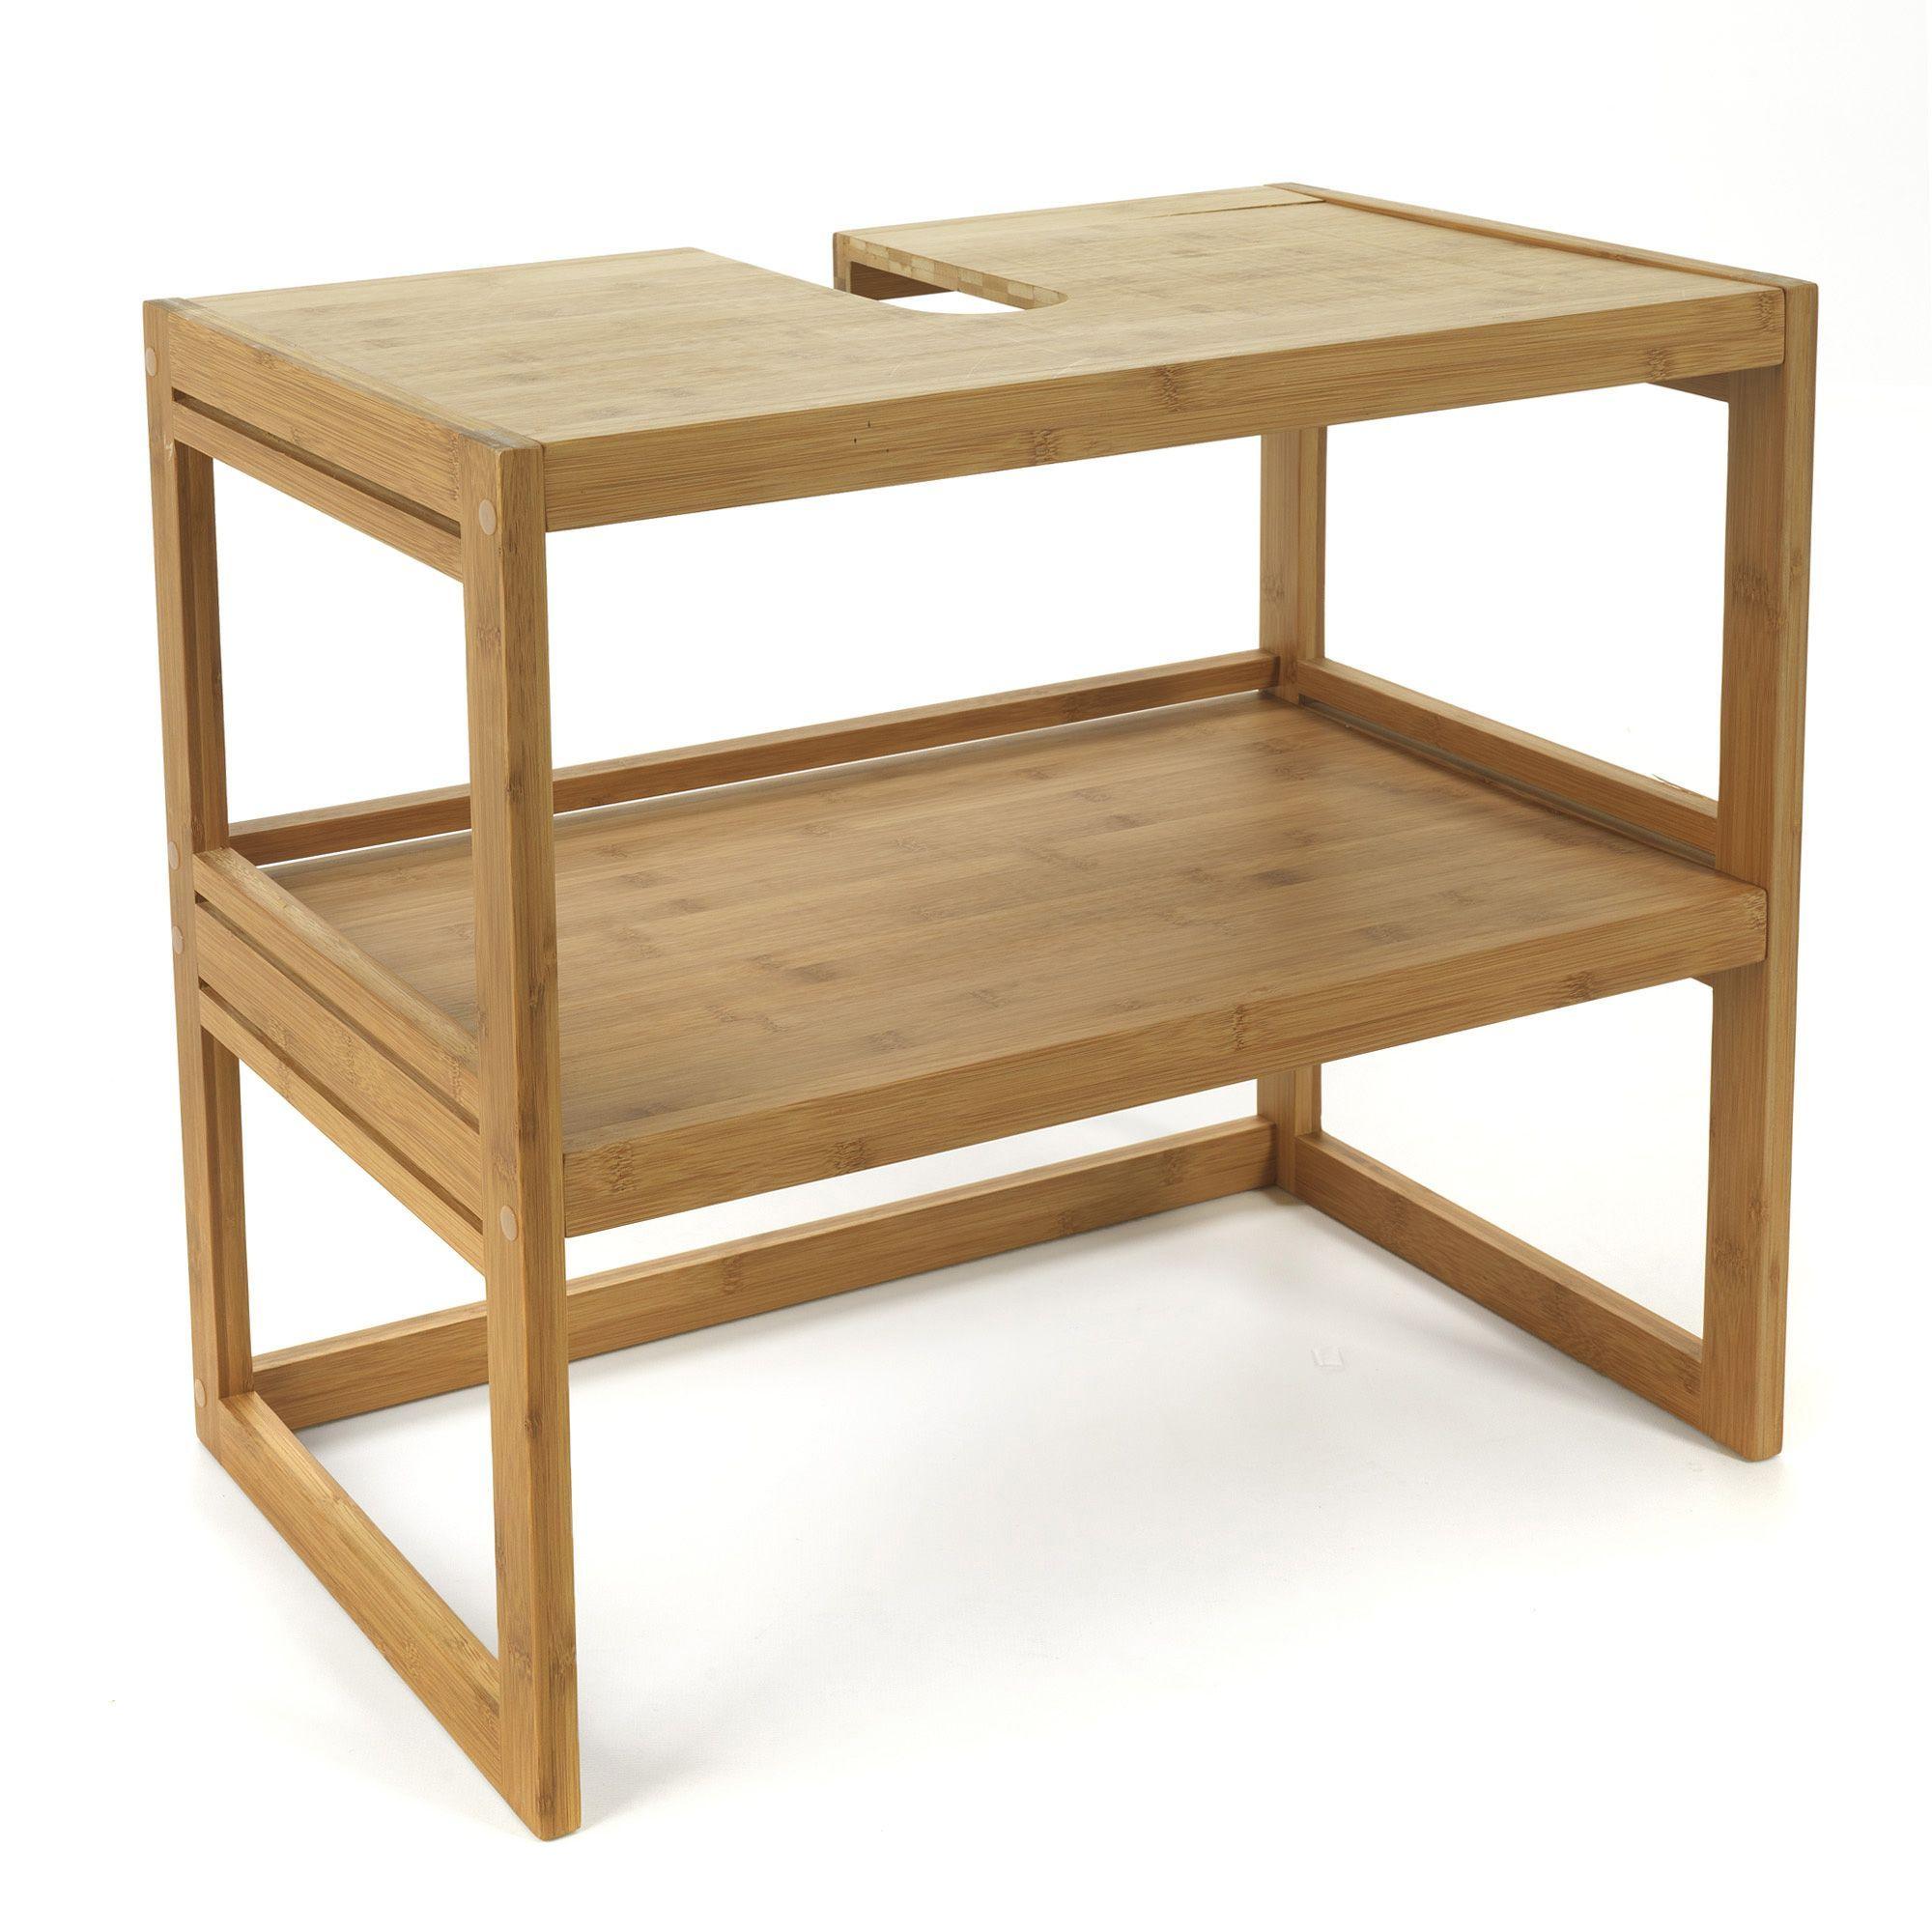 meuble sous lavabo en bambou bambou danong les meubles. Black Bedroom Furniture Sets. Home Design Ideas